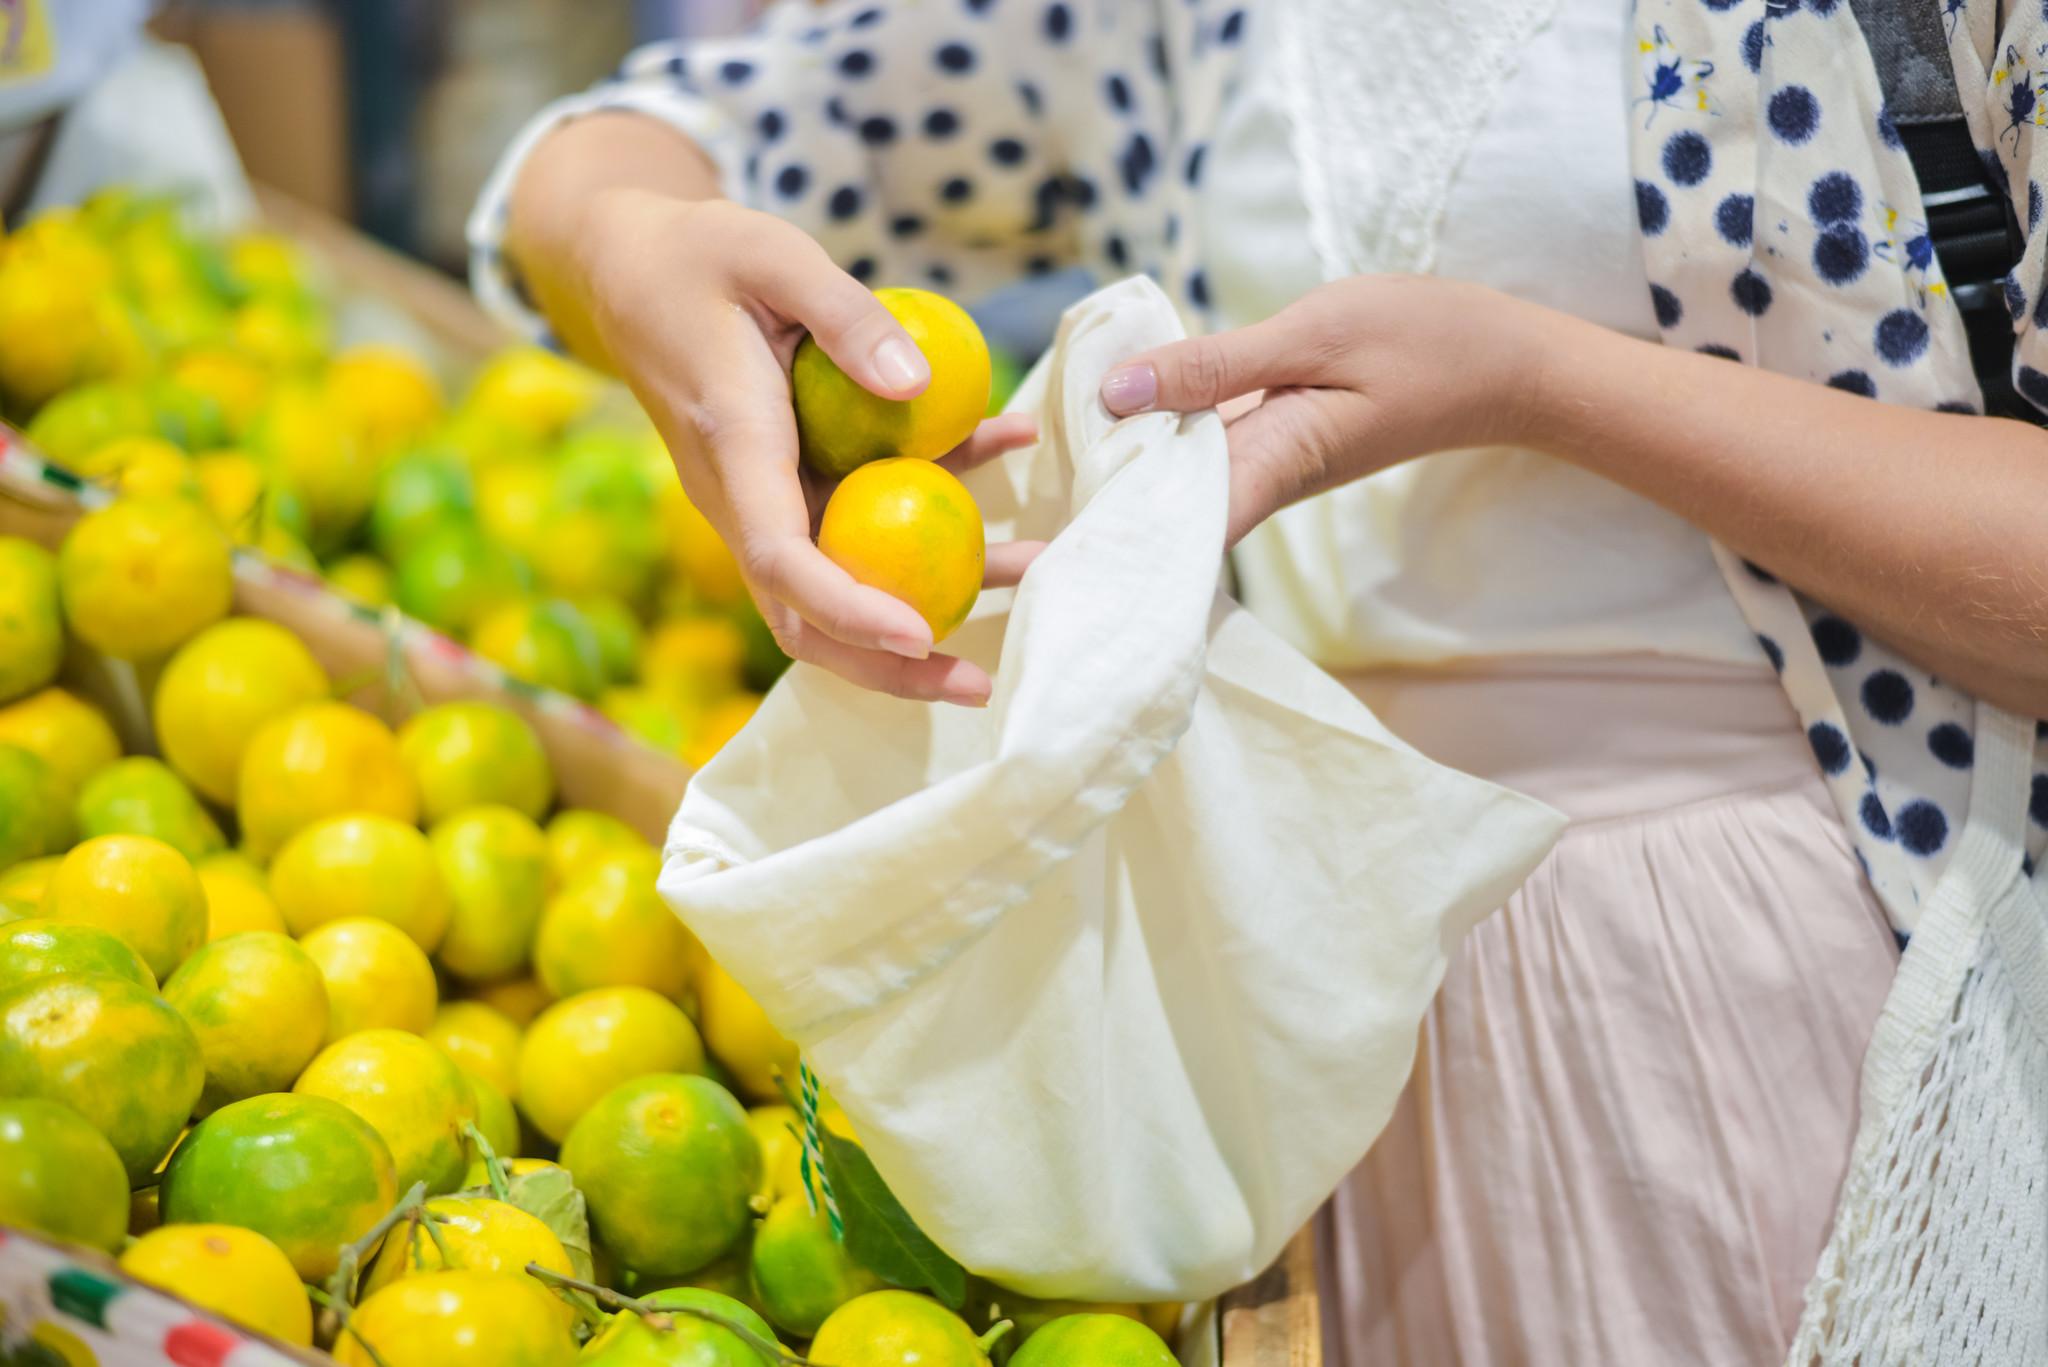 Voedsel verspilling voorkomen in 5 stappen